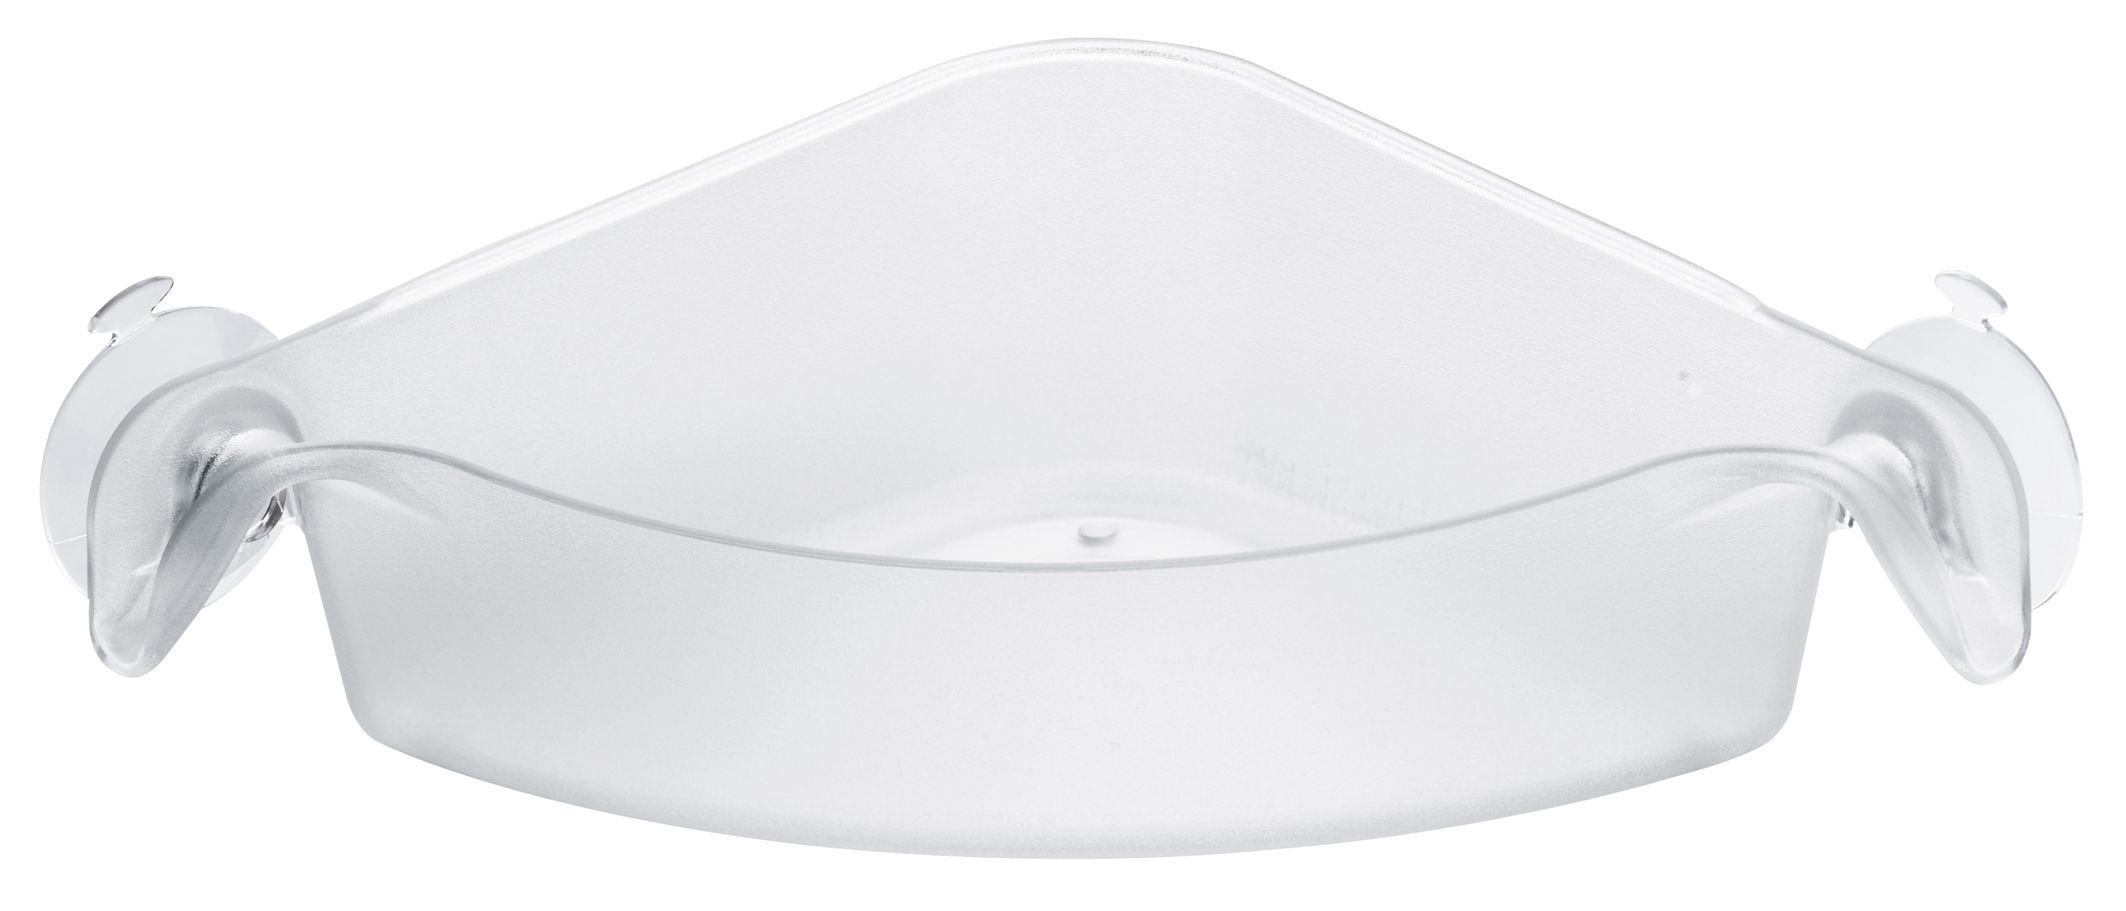 Déco - Salle de bains - Bac de rangement Boks d'angle - Avec ventouses - Koziol - Transparent - Matière plastique